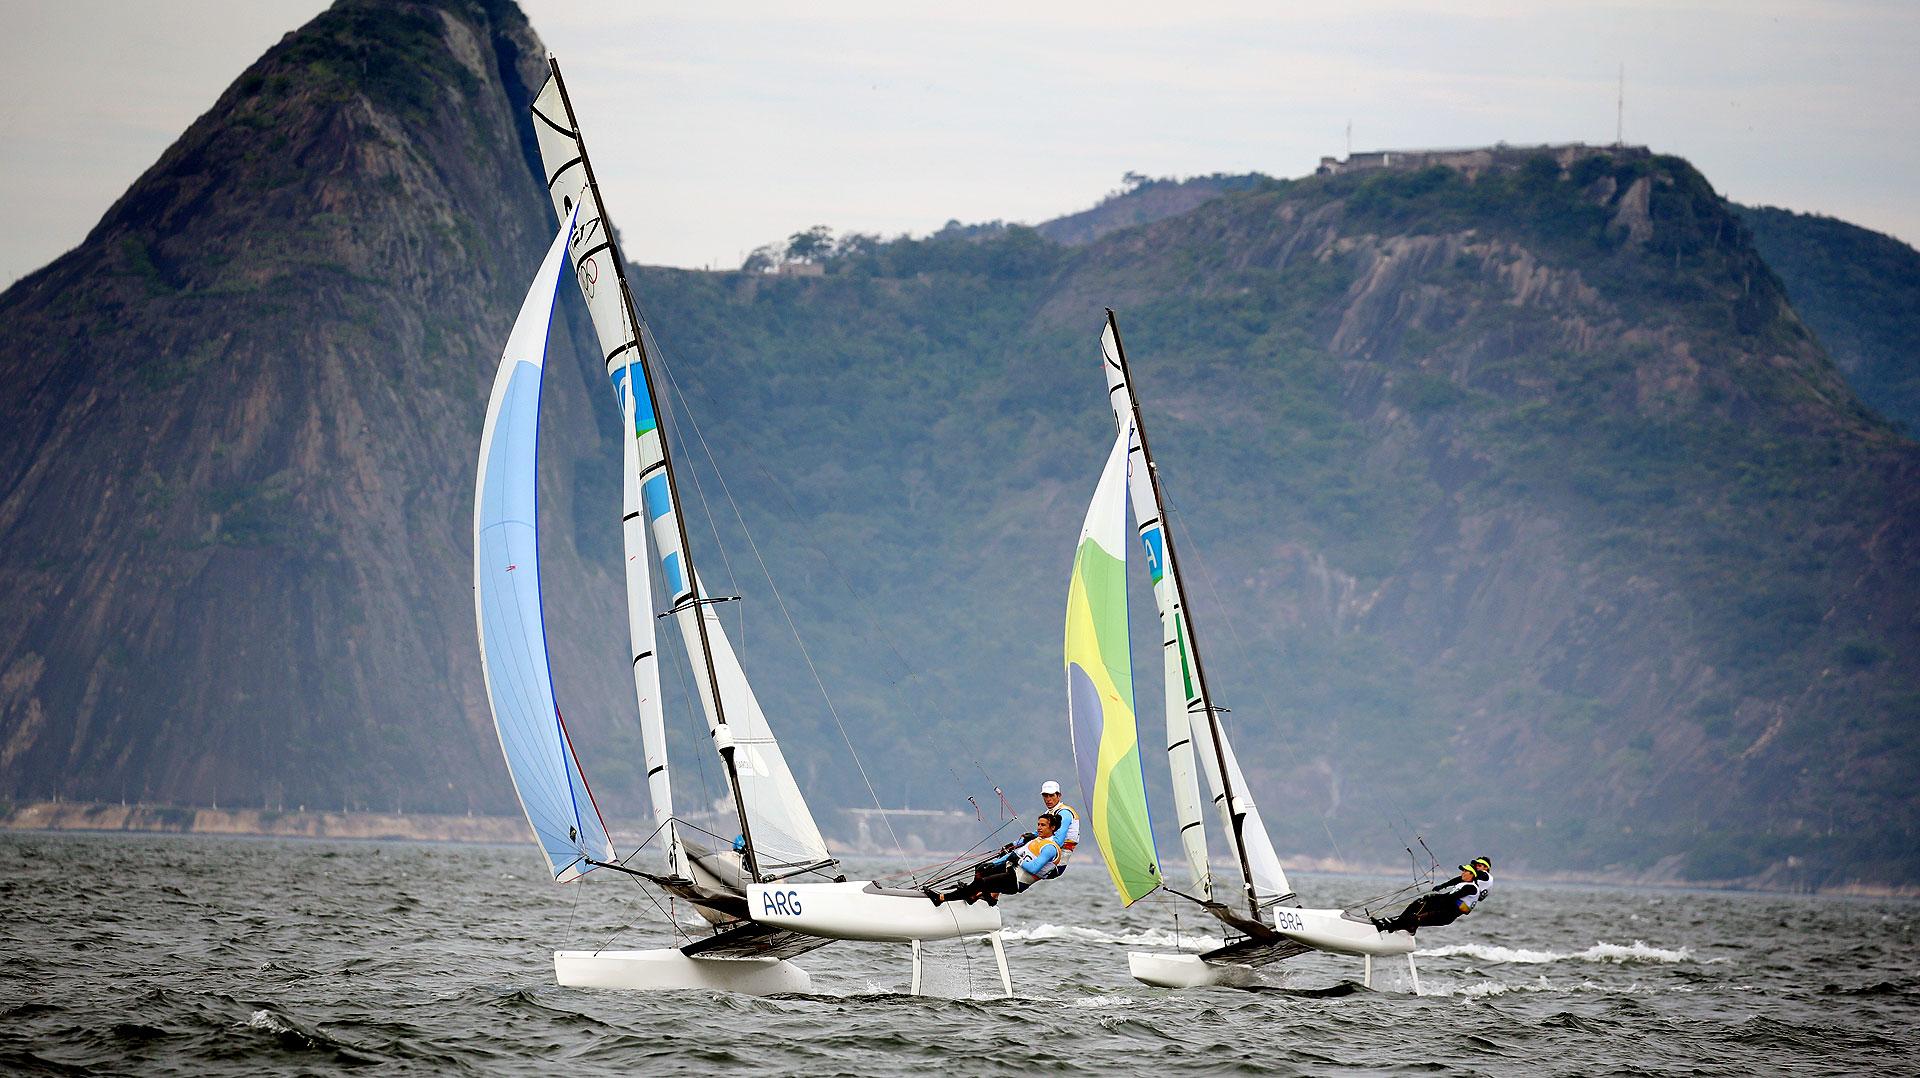 Santiago Lange y Cecilia Carranza ganaron el título olímpico de yachting, que se disputó en el club Marina da Gloria, en la Bahía de Guanabara (Nicolás Stulberg)